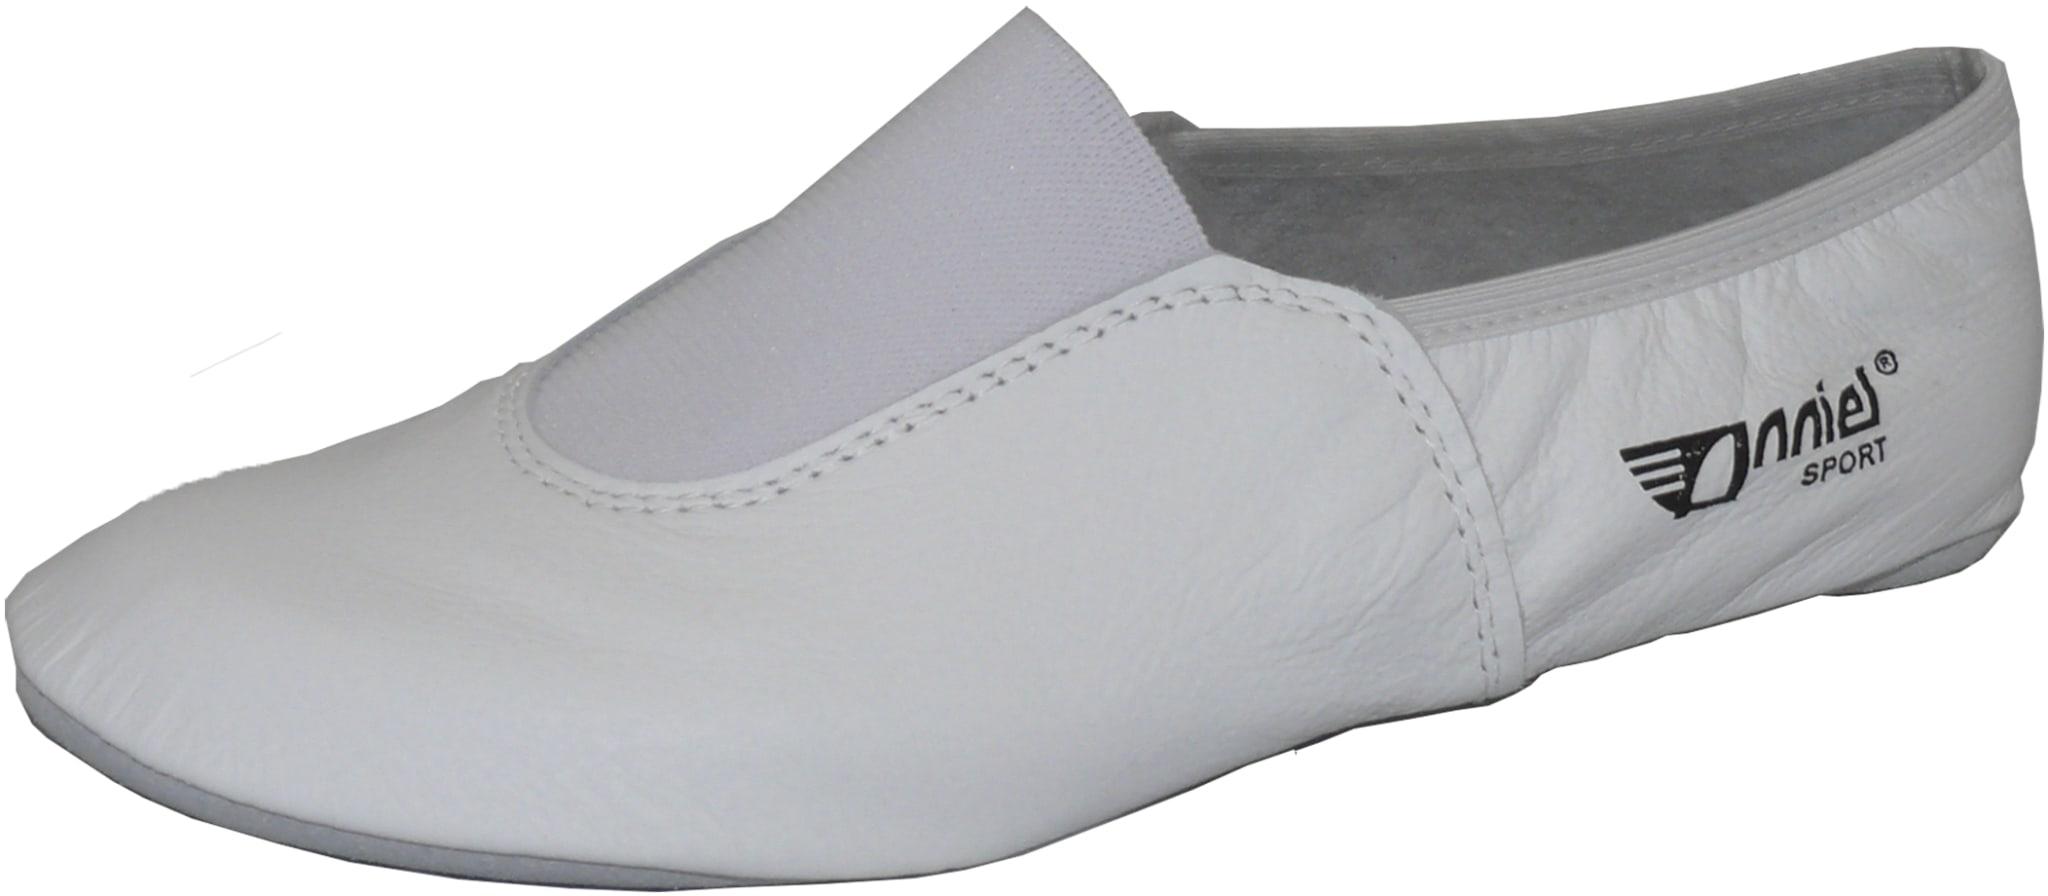 Gymsokker i skinn, med skikkelig kvalitet og komfort.